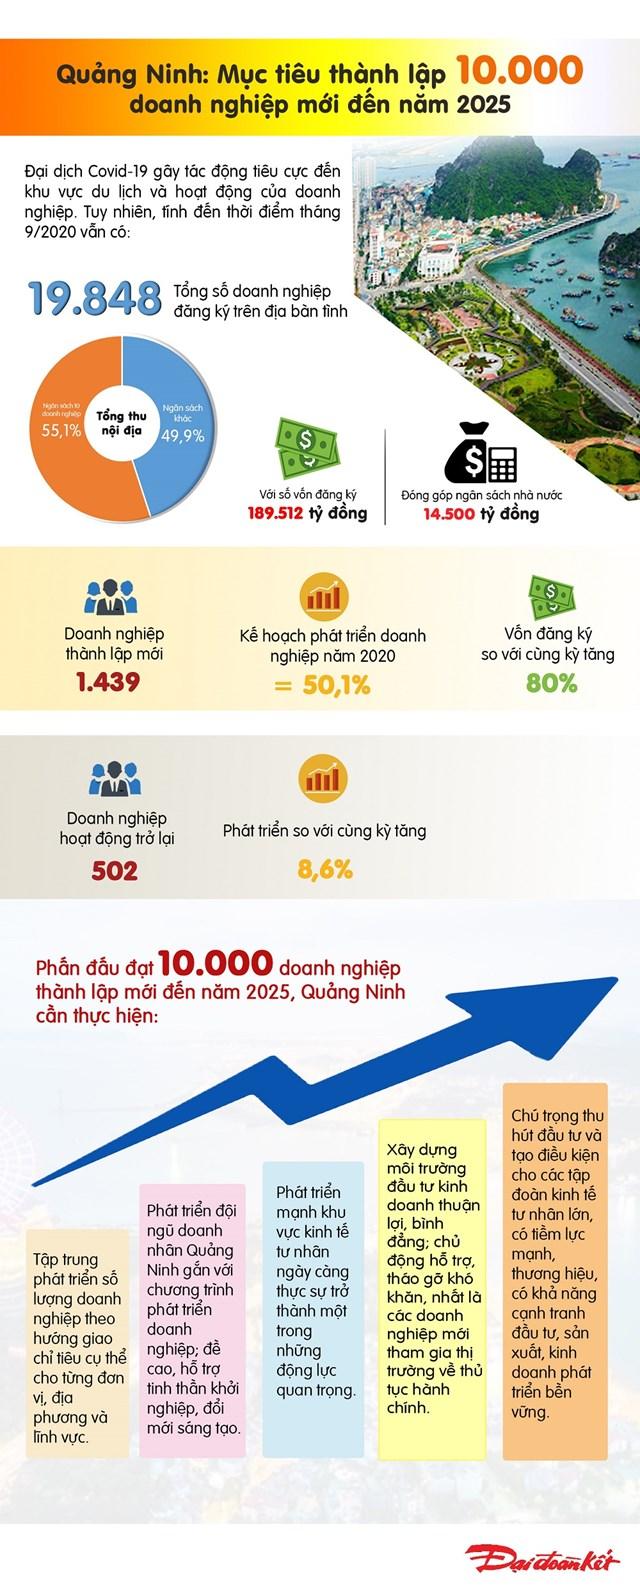 [Infographic]Quảng Ninh: Mục tiêu thành lập 10.000 doanh nghiệp mới đến năm 2025 - Ảnh 1